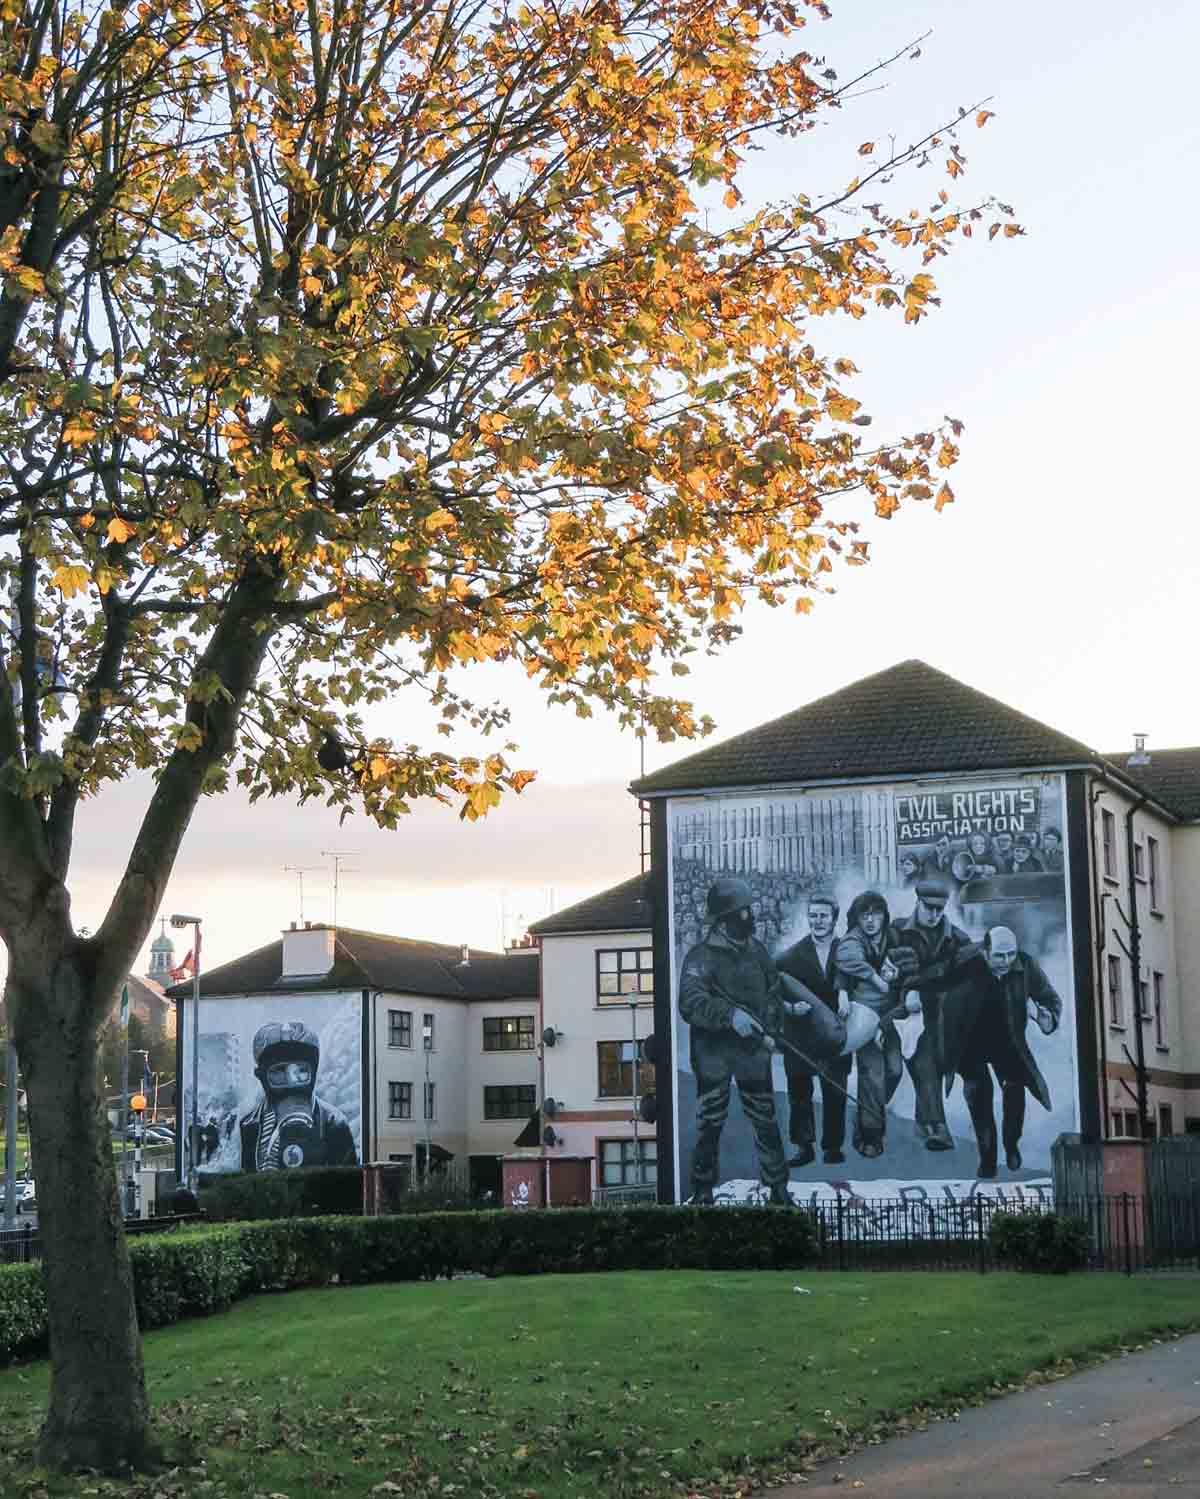 Stedentrip Derry-Londonderry: bezienswaardigheden en tips, muurschilderingen Bogside